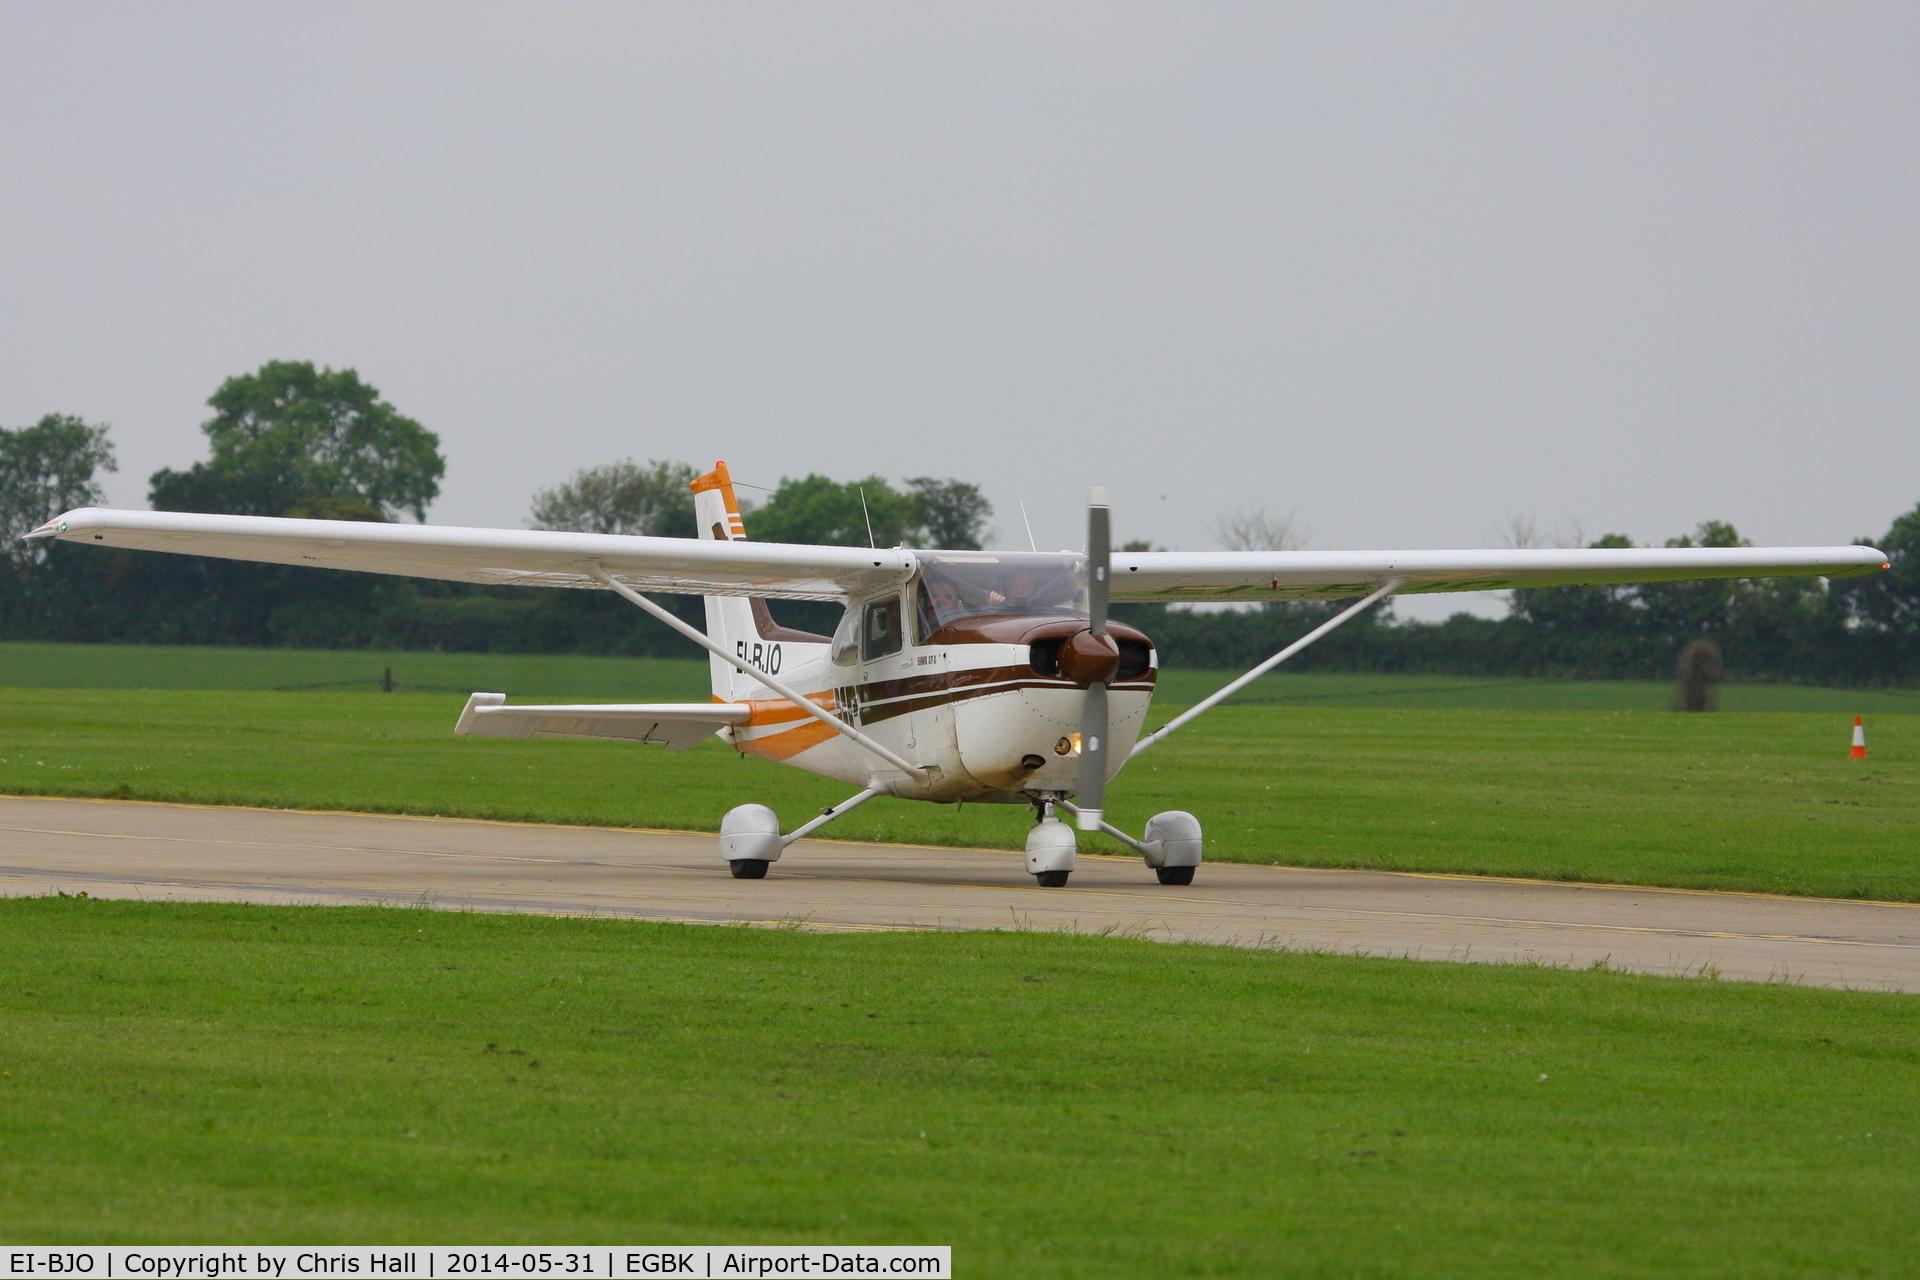 EI-BJO, Cessna R172K Hawk XP C/N R1723340, at AeroExpo 2014